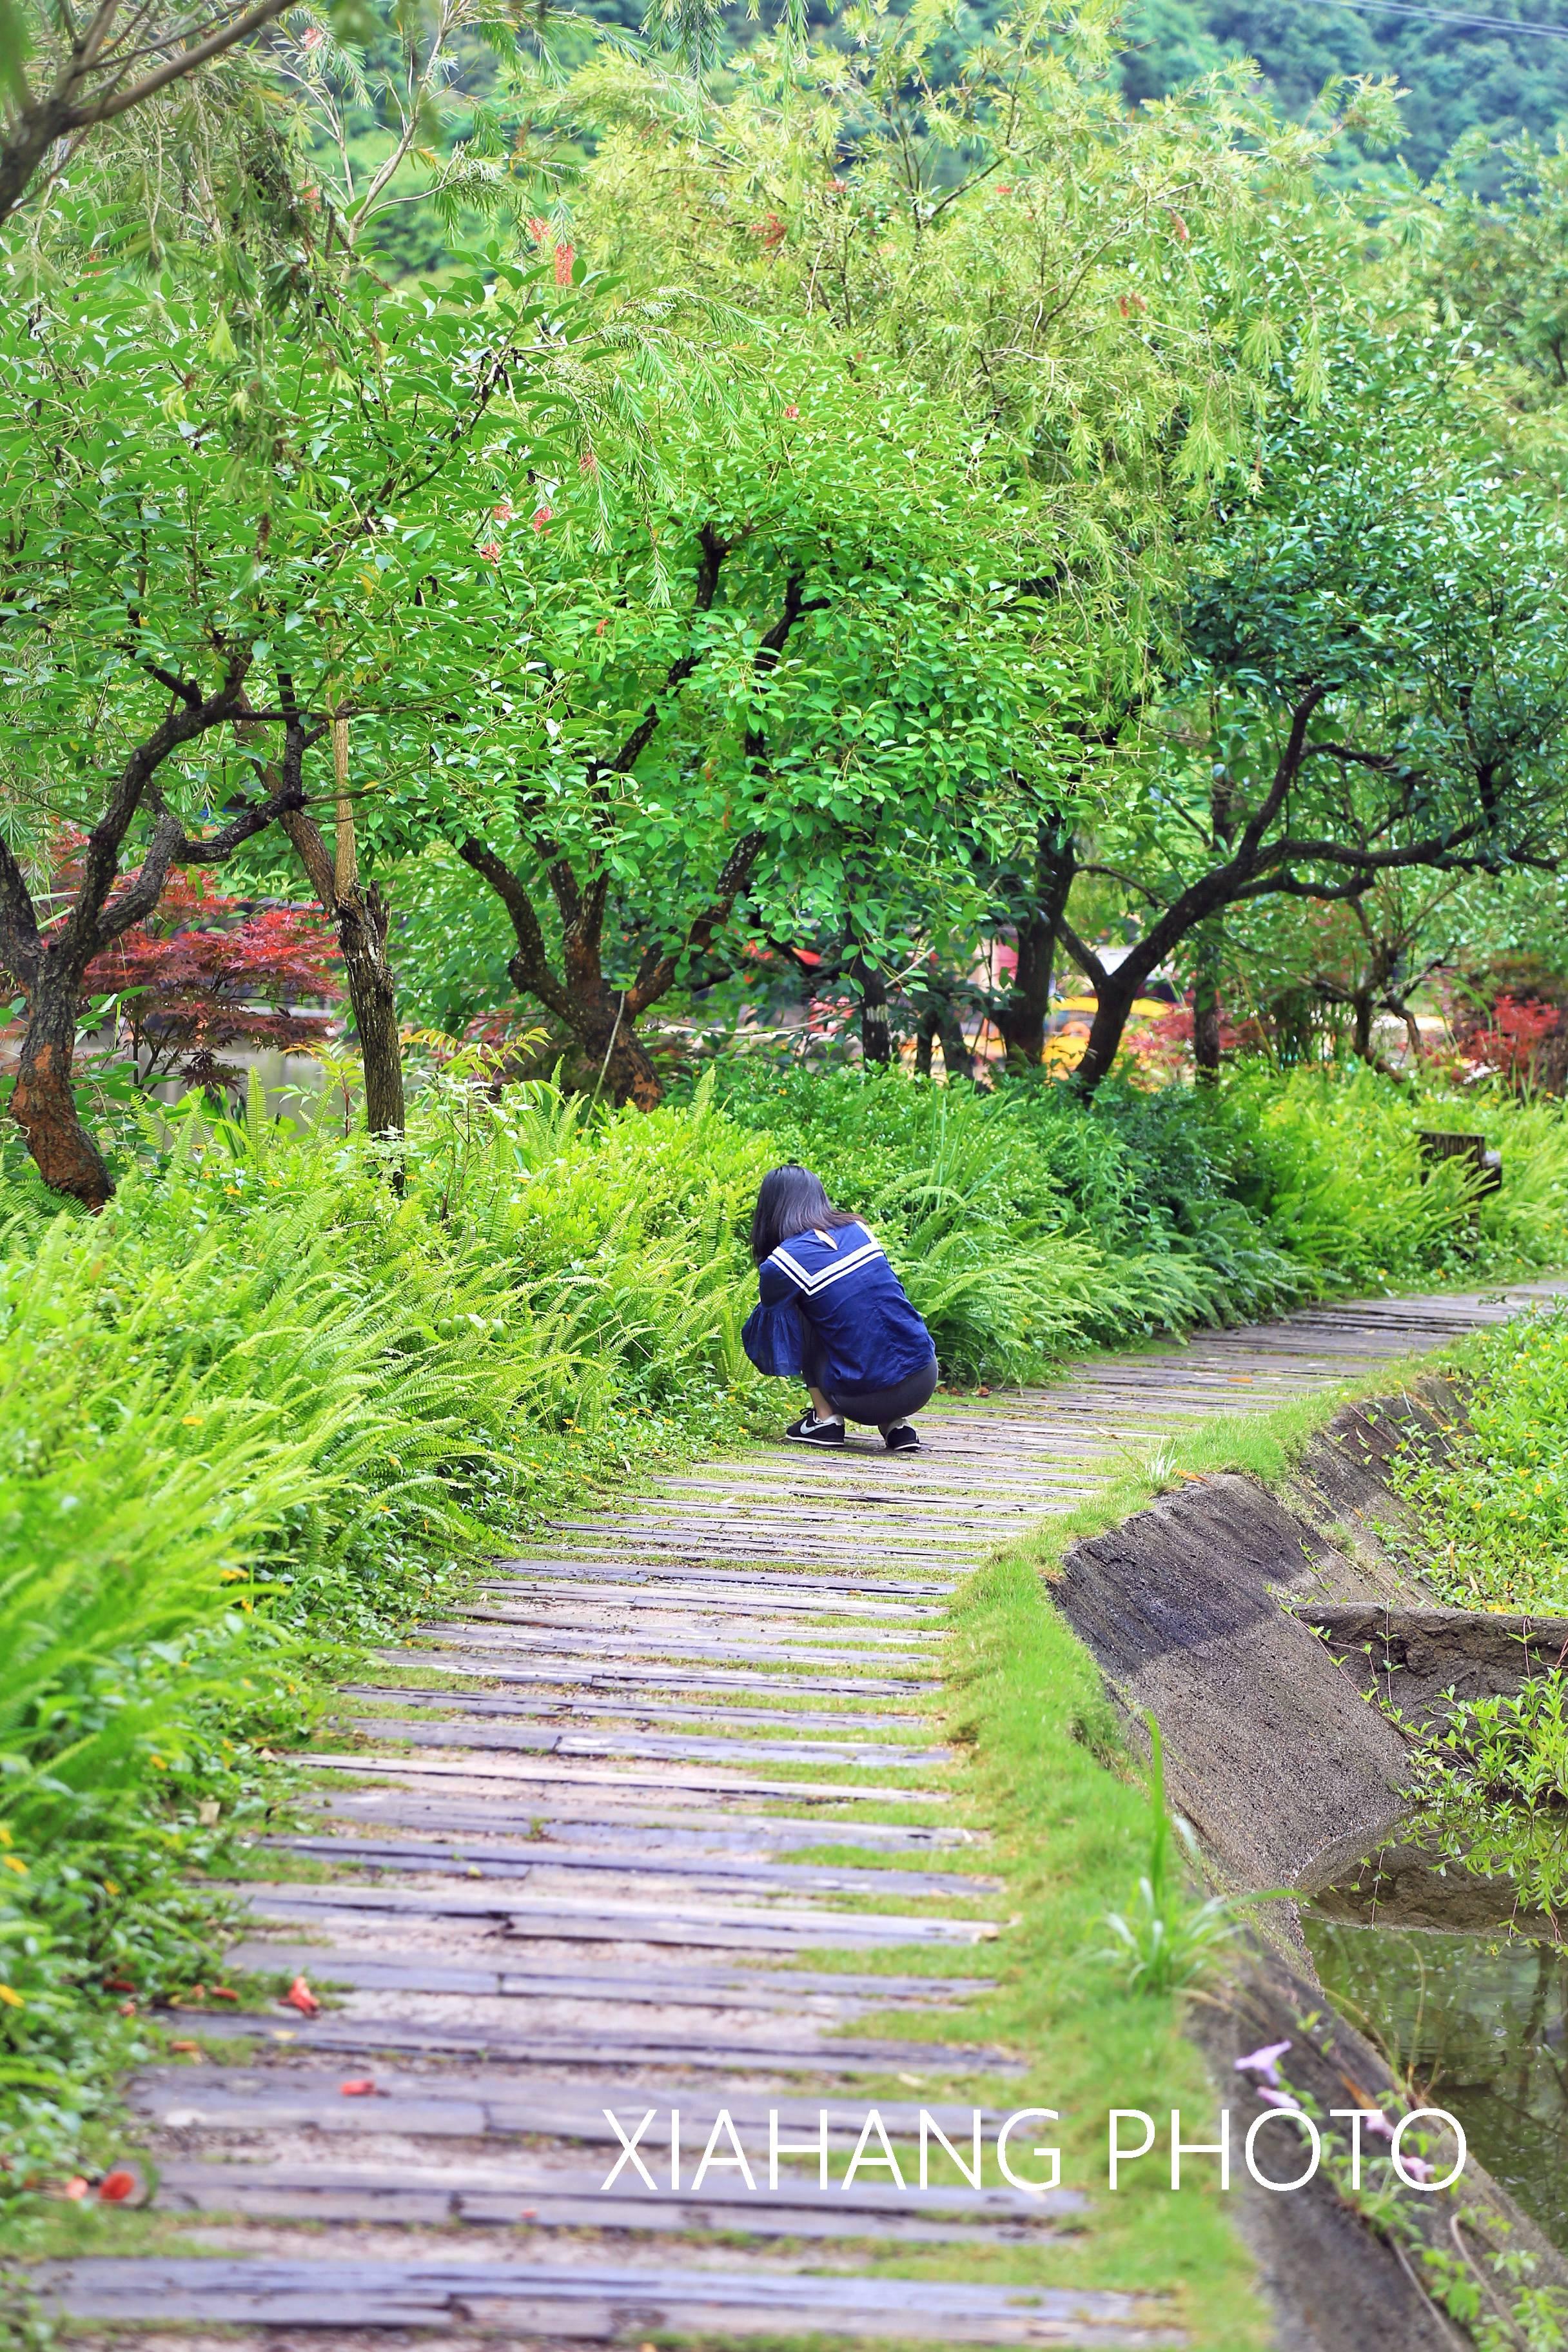 莆田的后花园,藏着九条龙,徐霞客还曾经踏足过